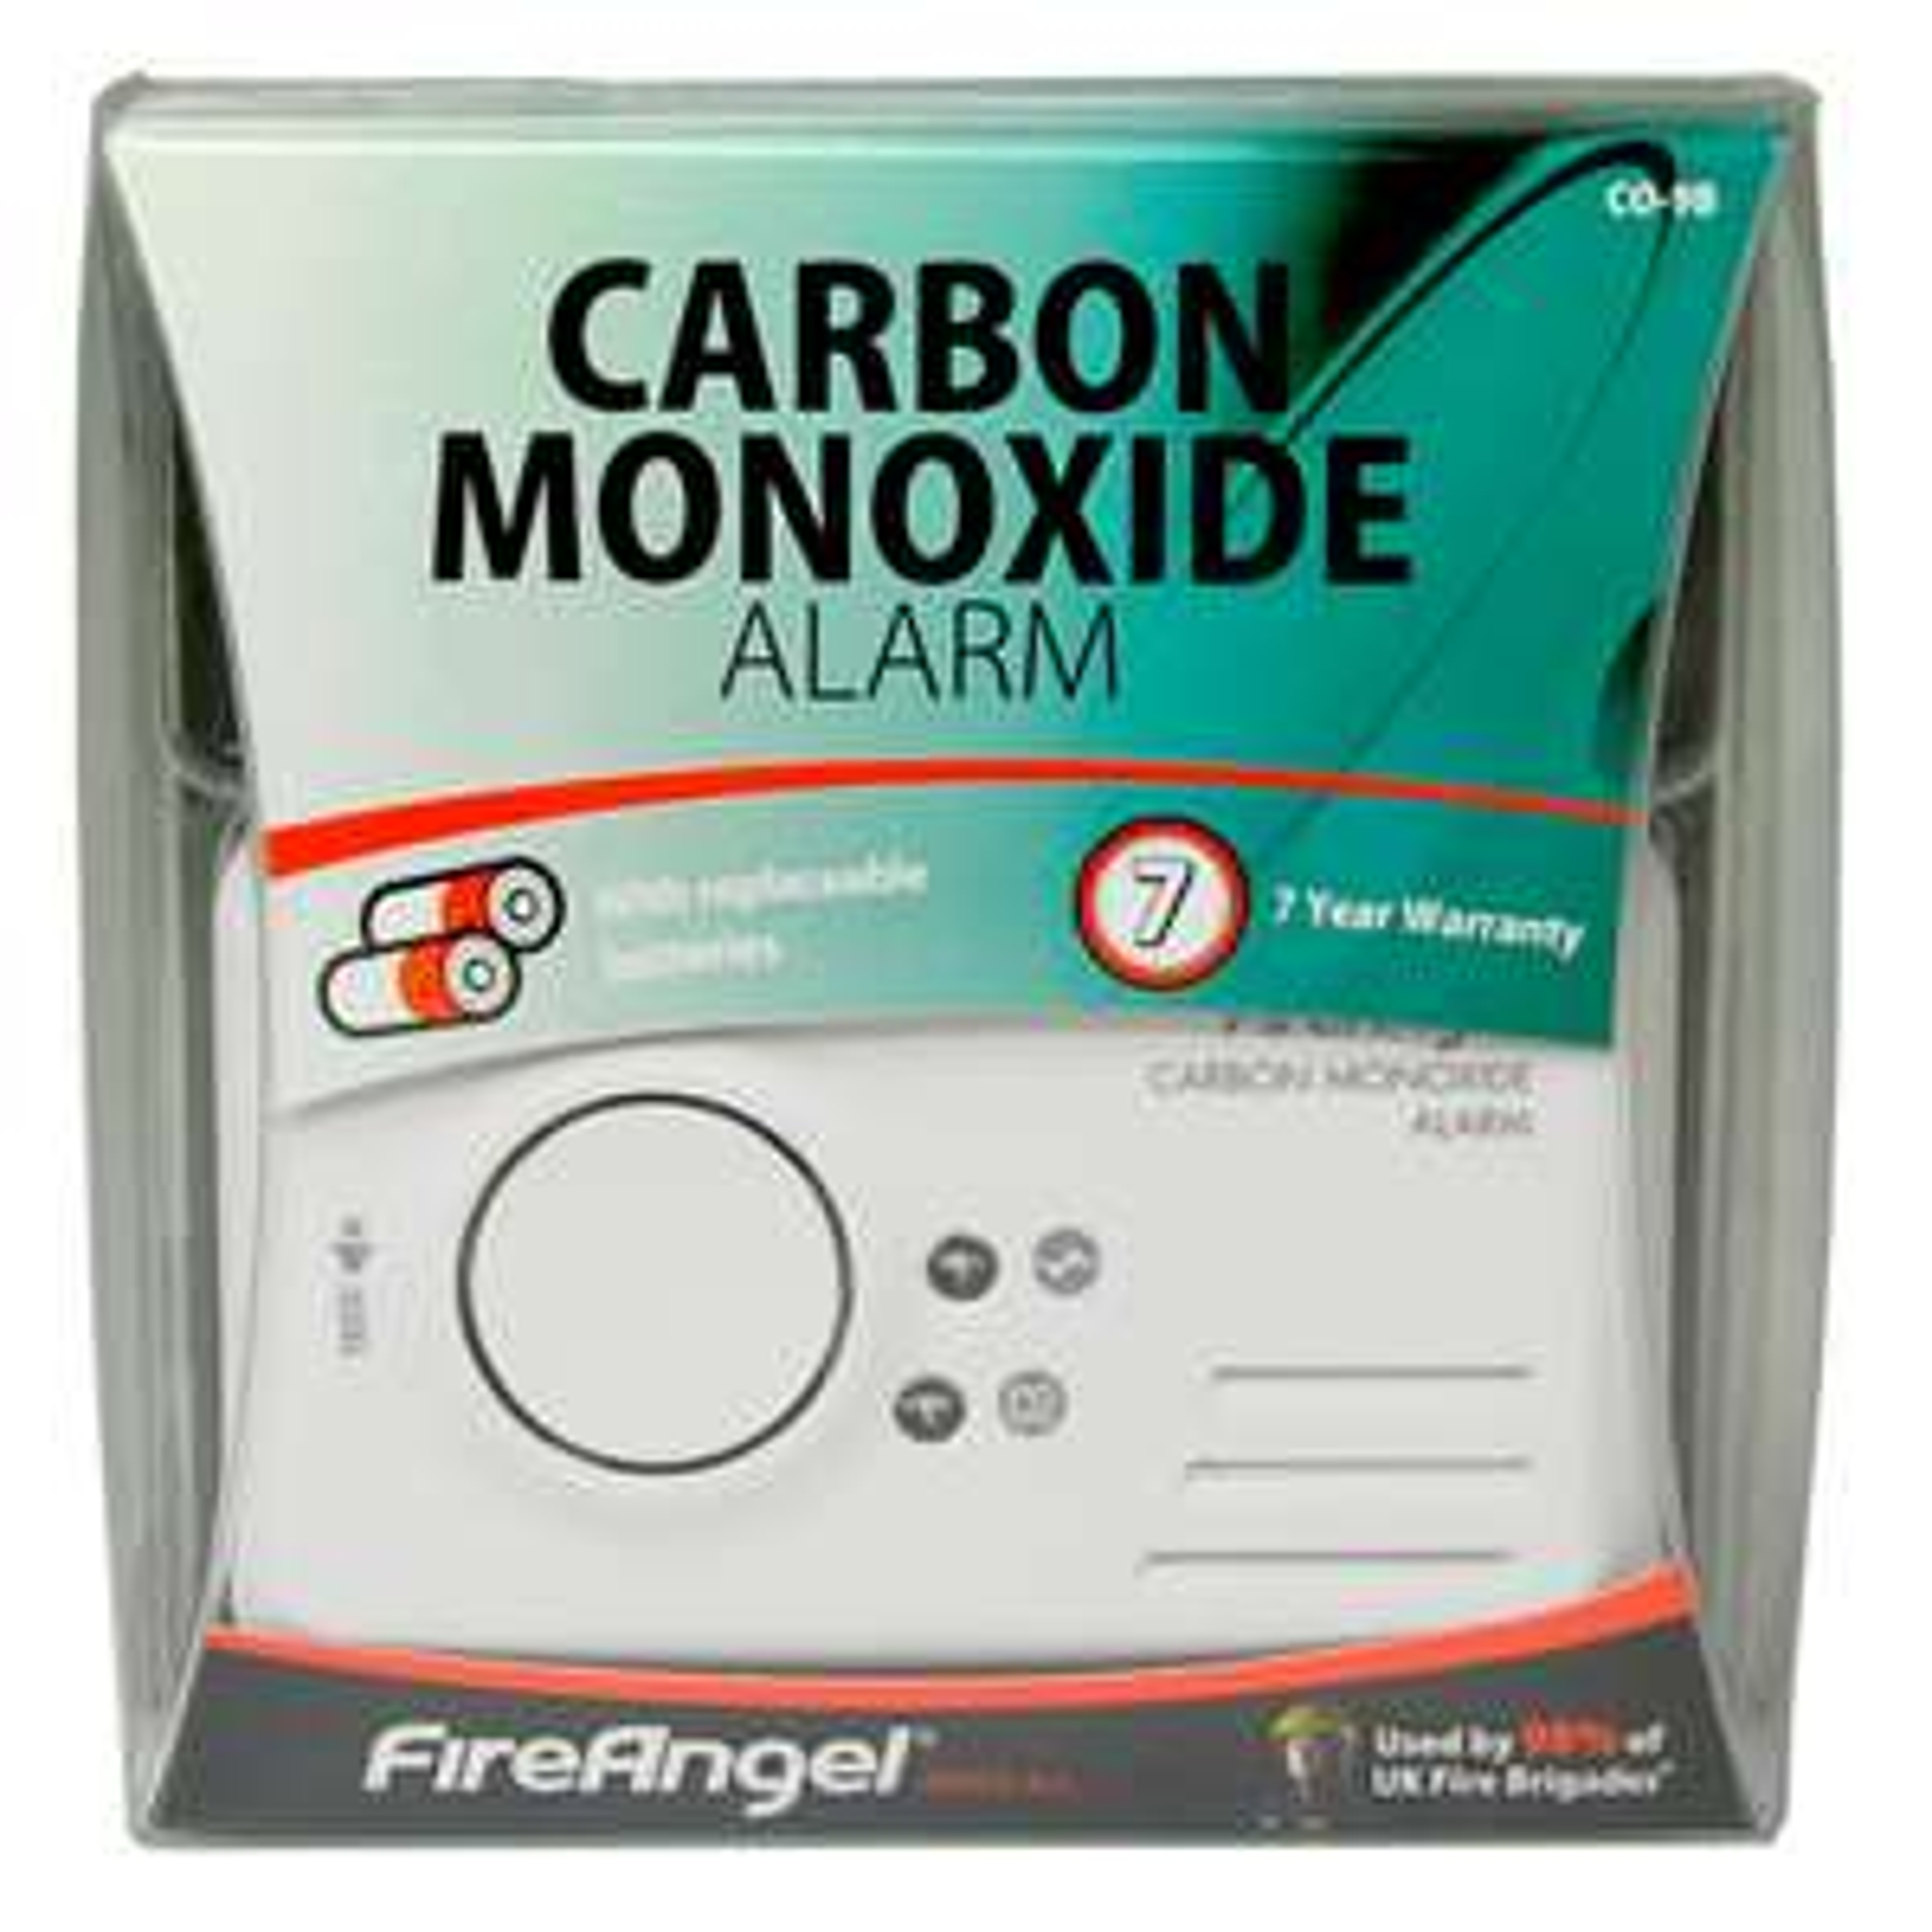 Fireangel Carbon Monoxide Alarm £4.50 or Fire Angel 10 Year Life Heat Alarm £3.50 @ Tesco